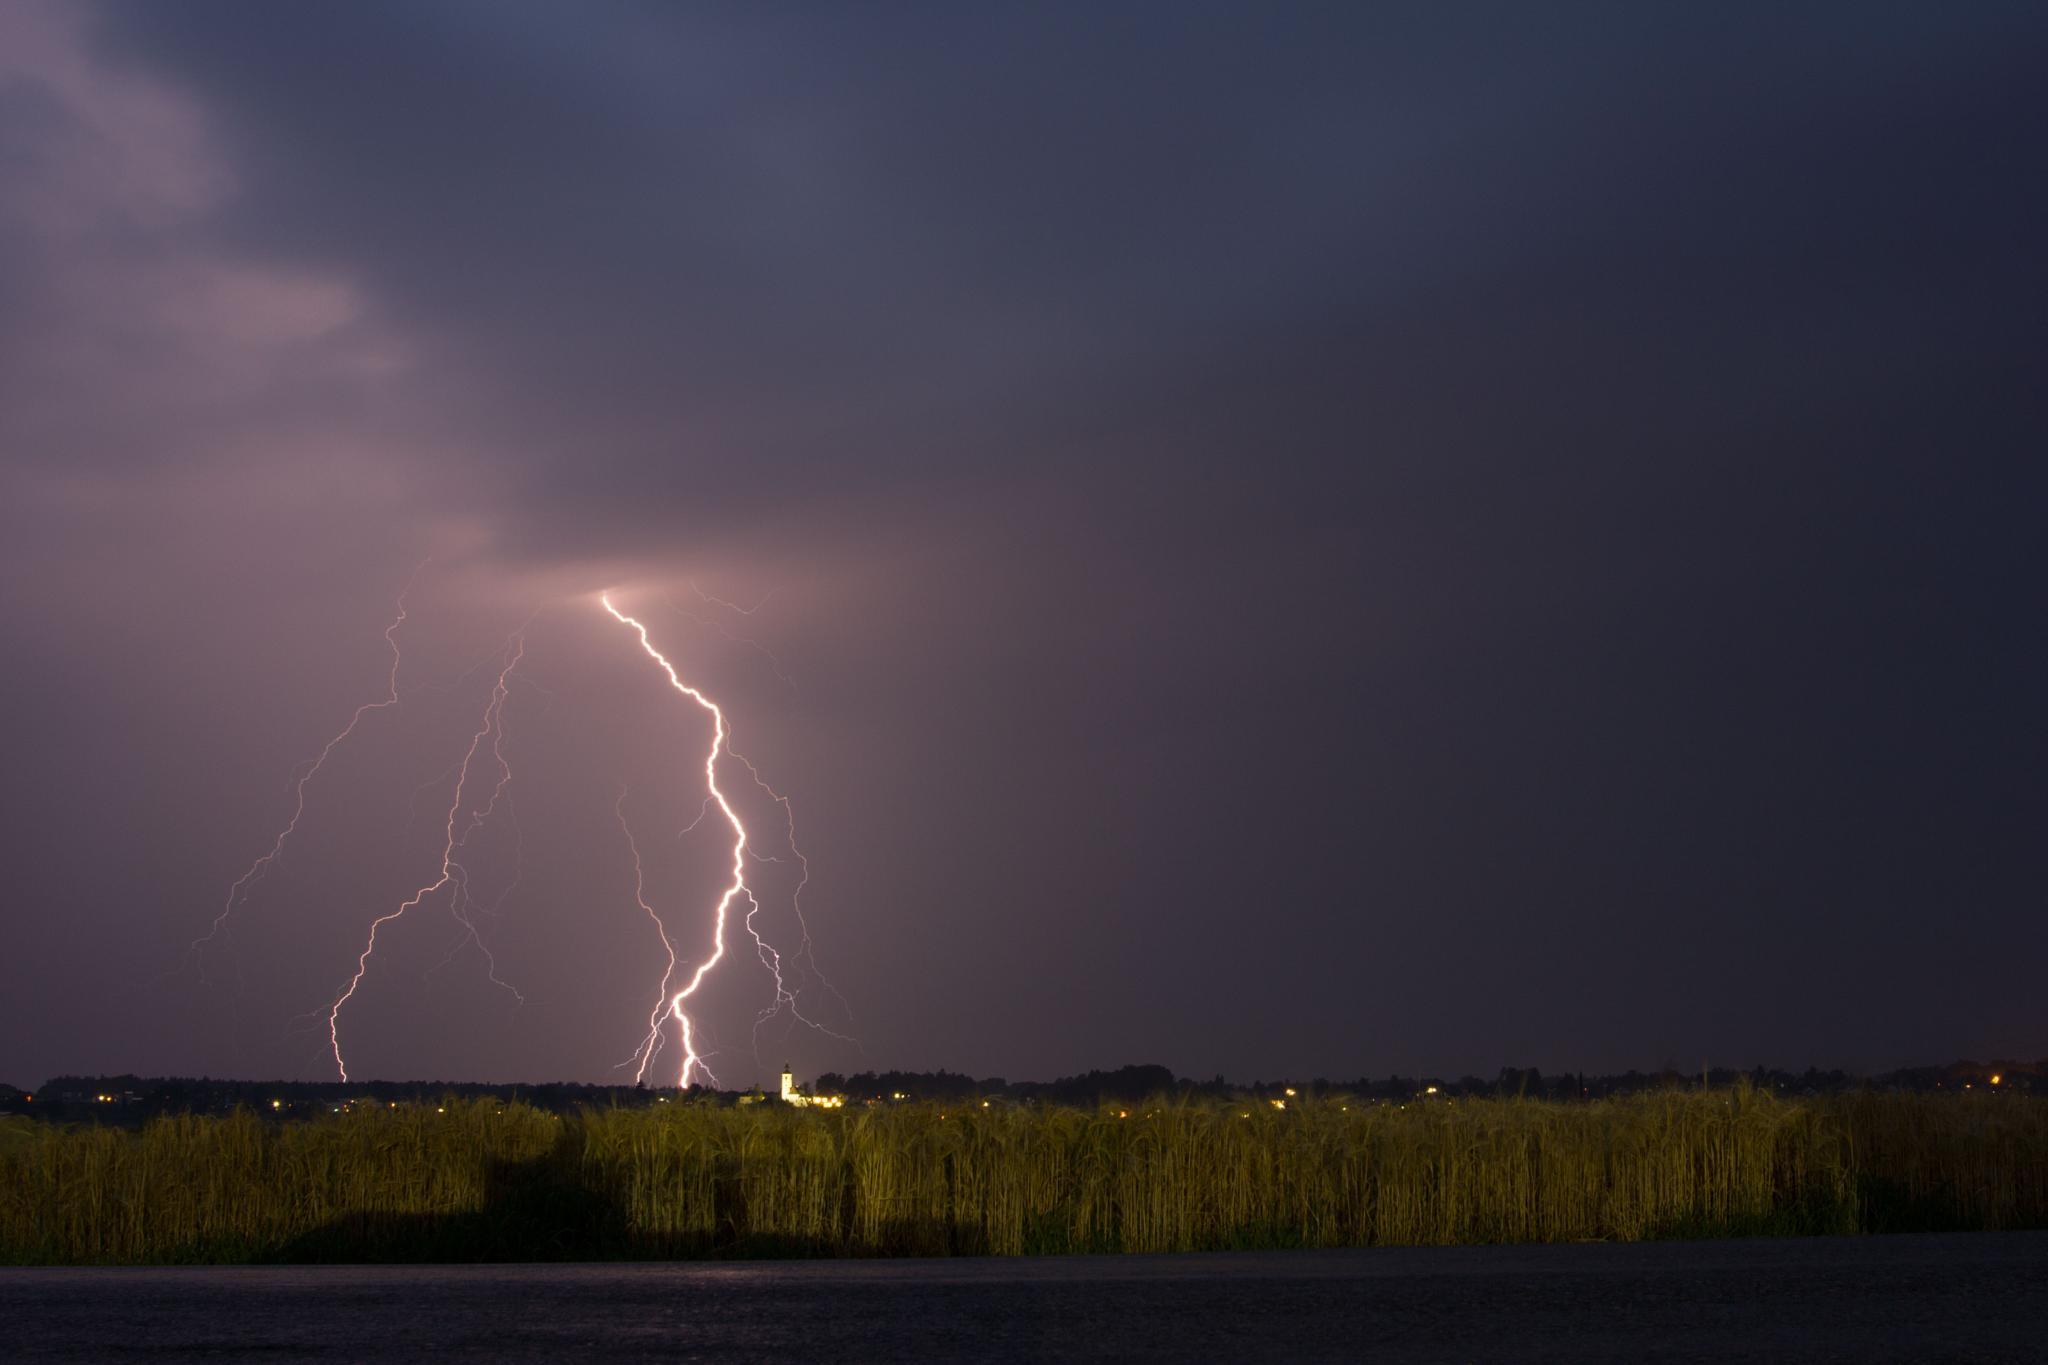 storm in southeast austria by Daniel Kiefer